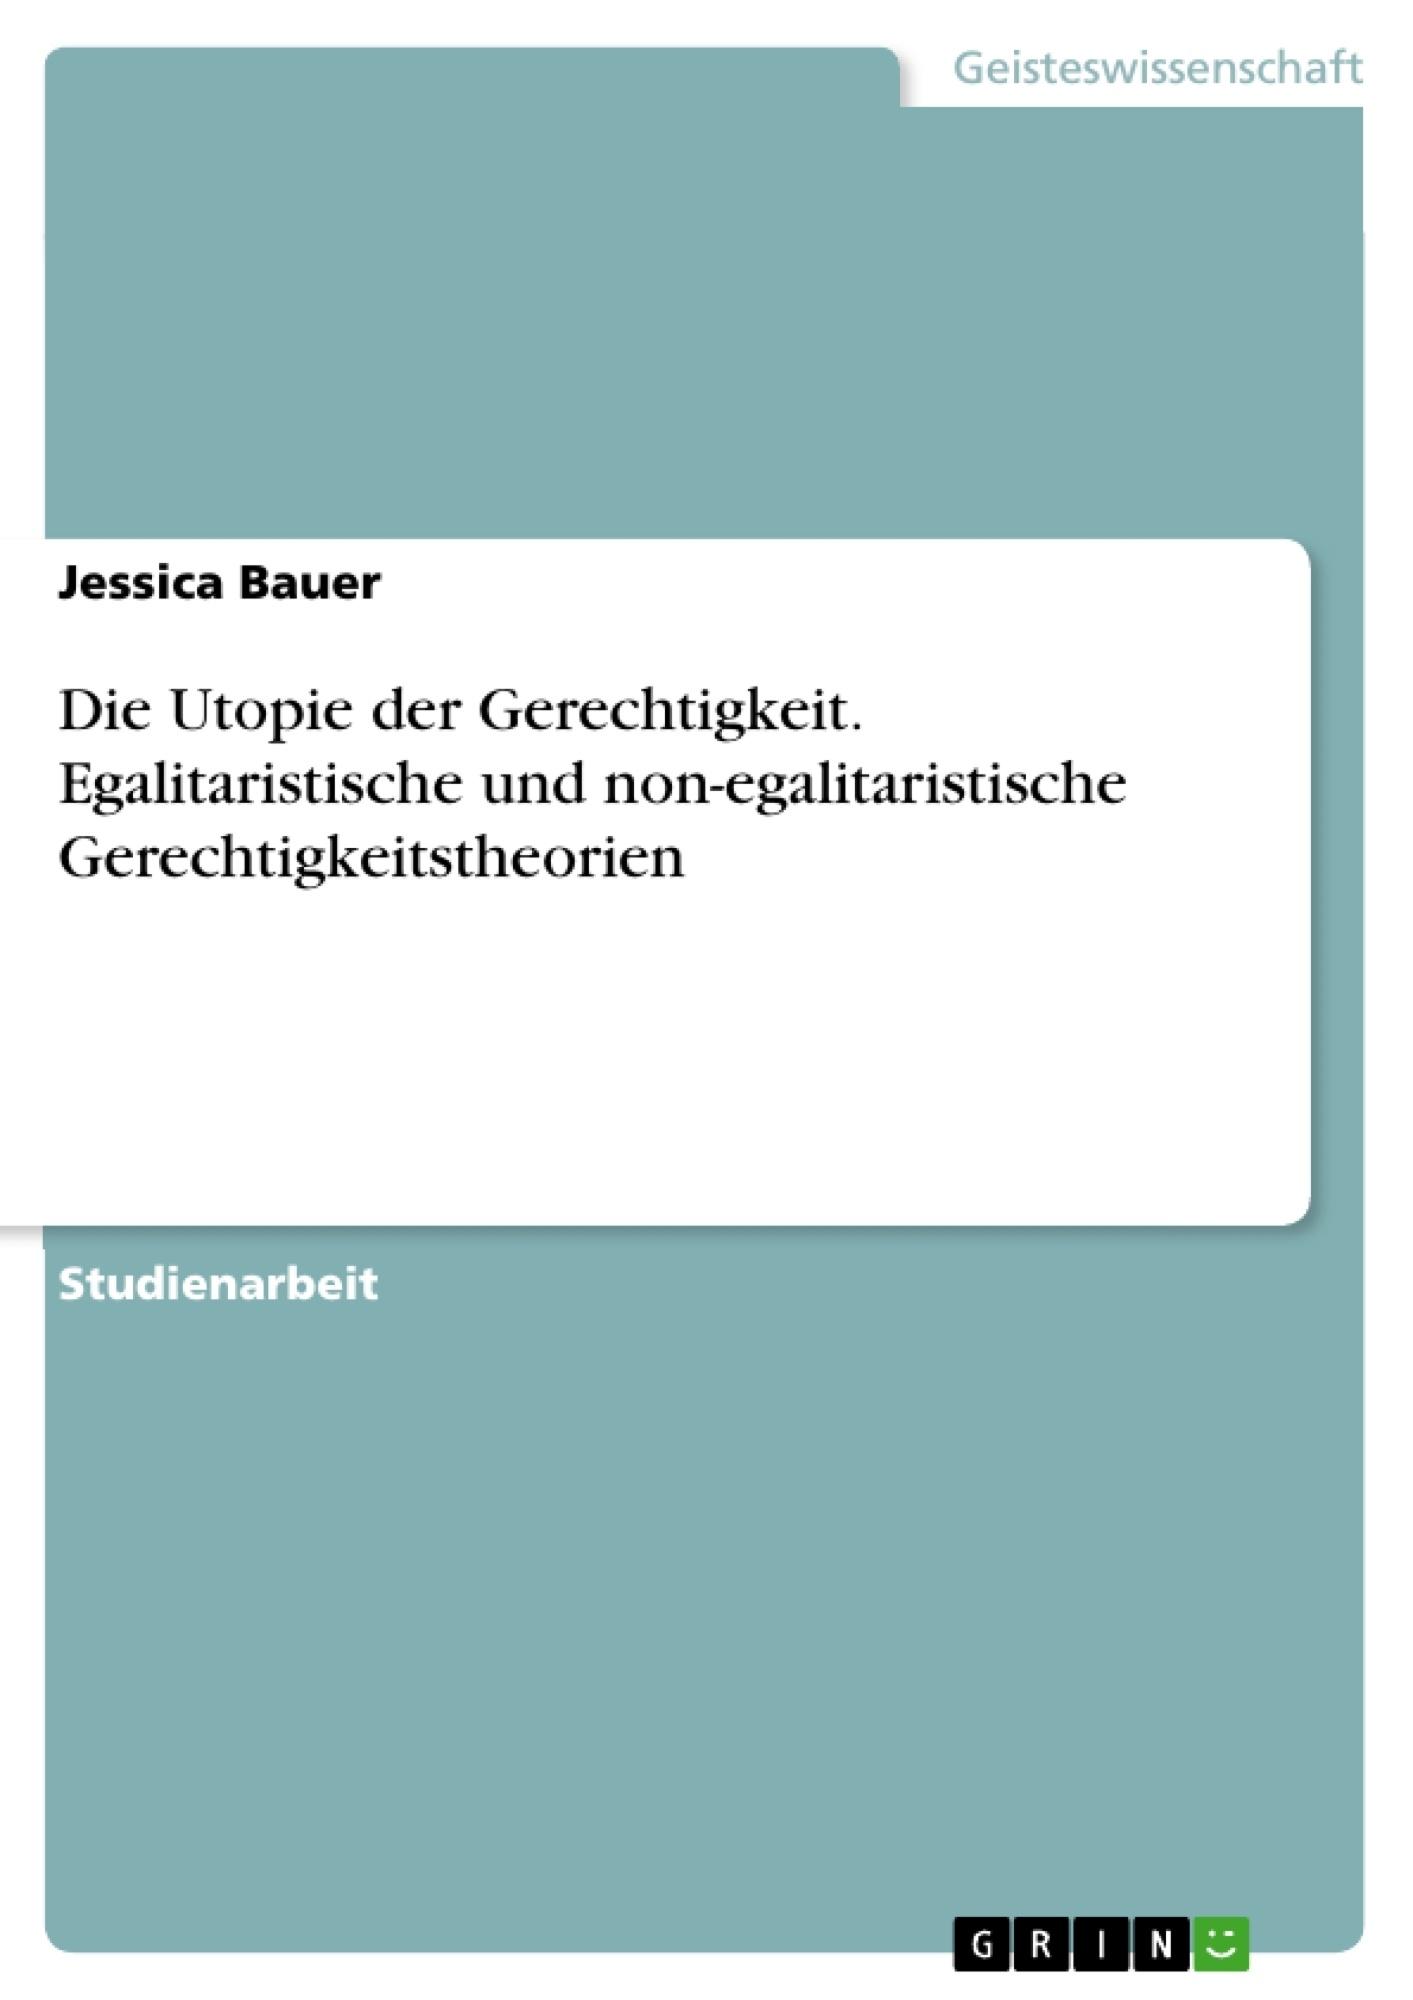 Titel: Die Utopie der Gerechtigkeit. Egalitaristische und non-egalitaristische Gerechtigkeitstheorien